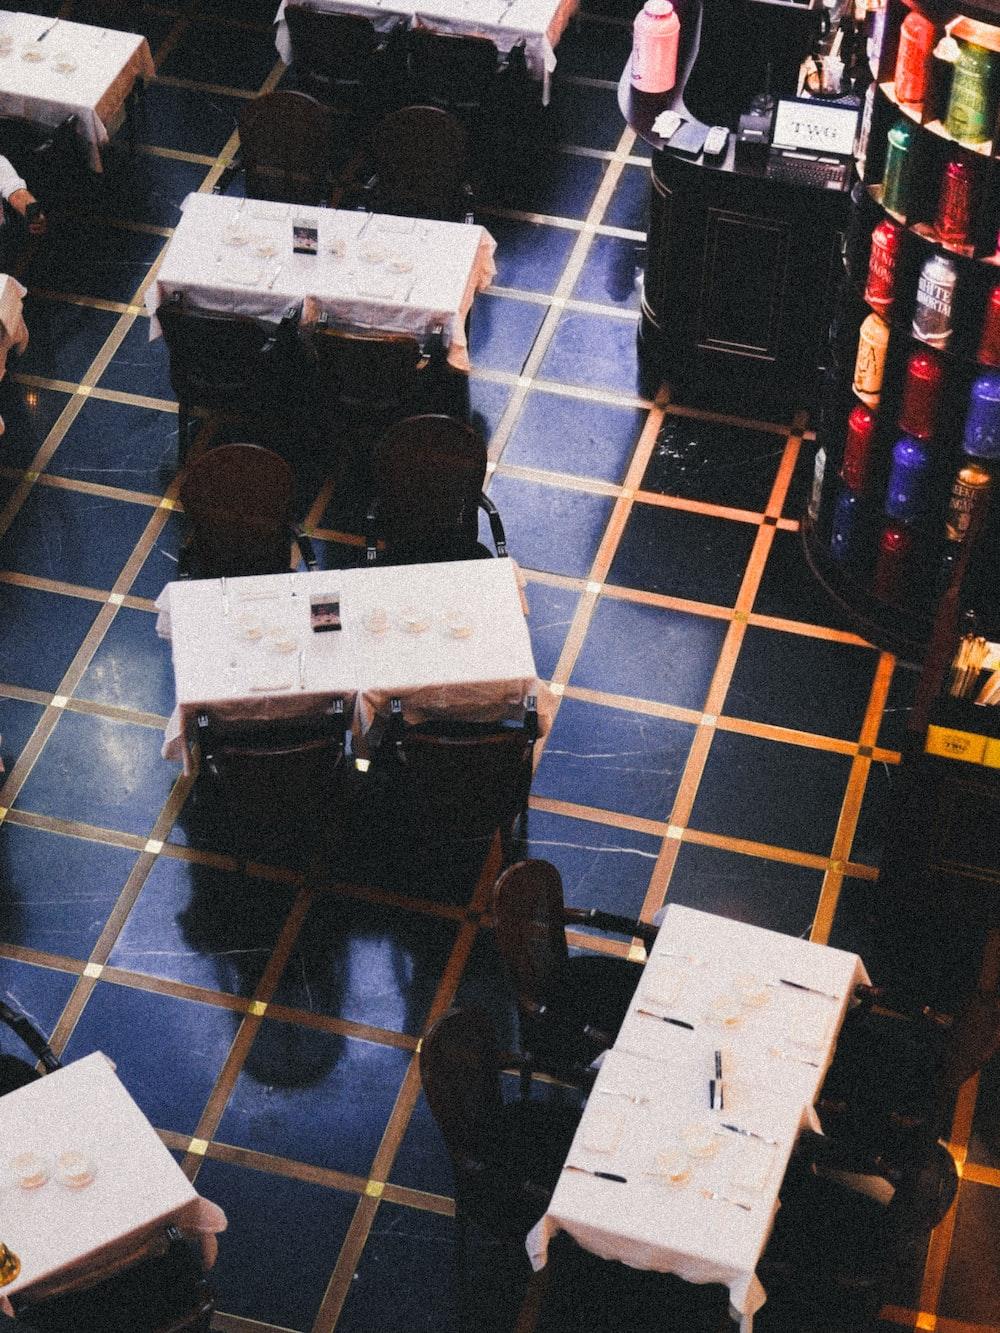 black and white box on blue floor tiles